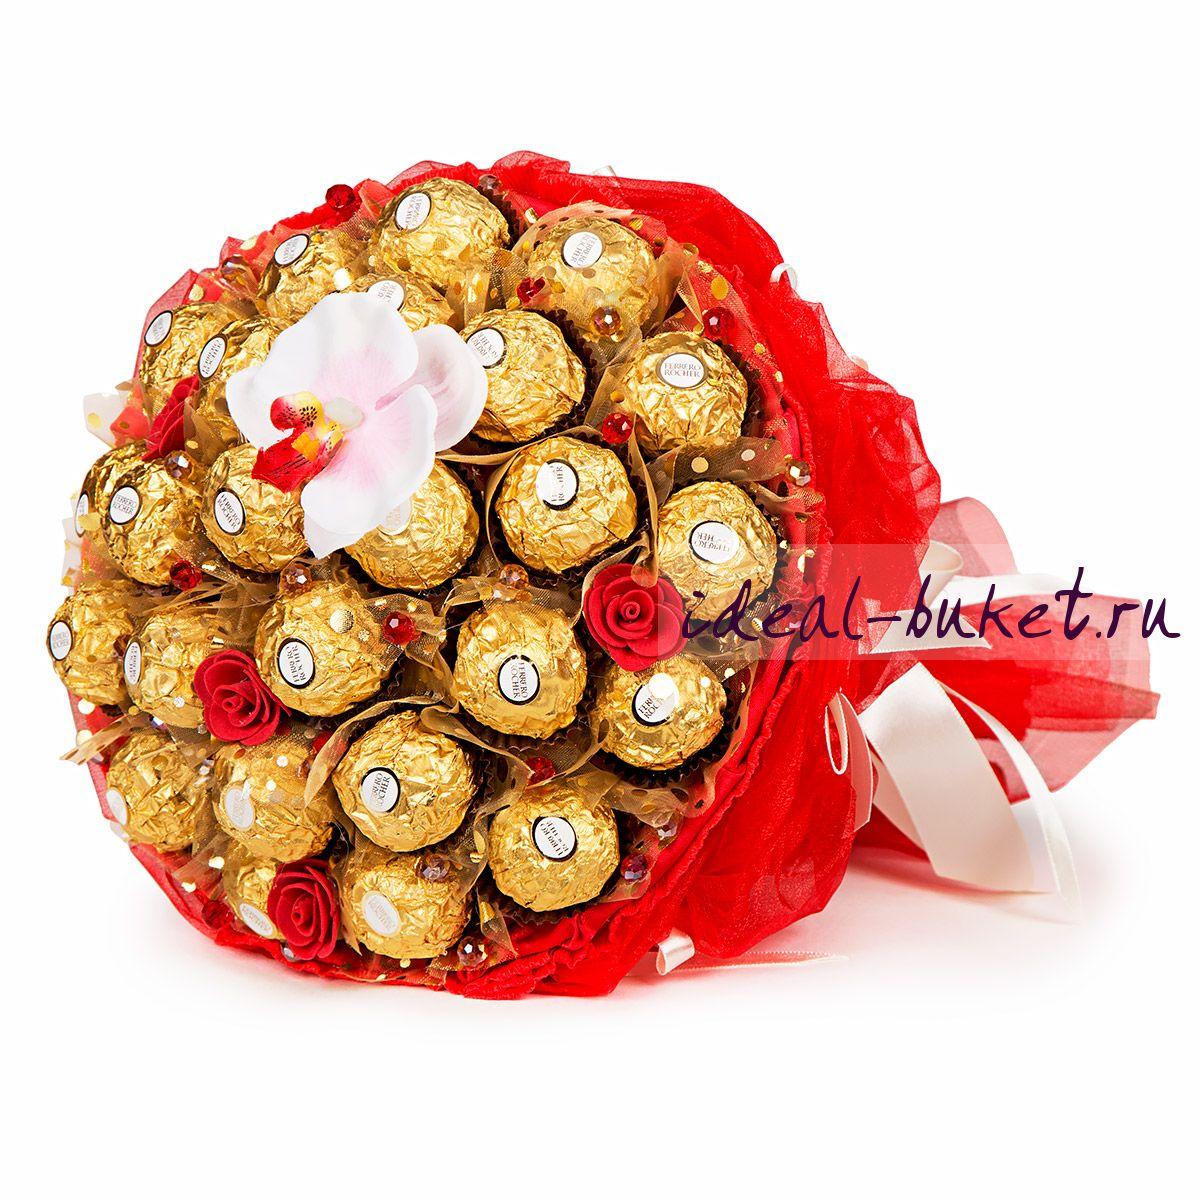 Букеты из конфет как подарок 290